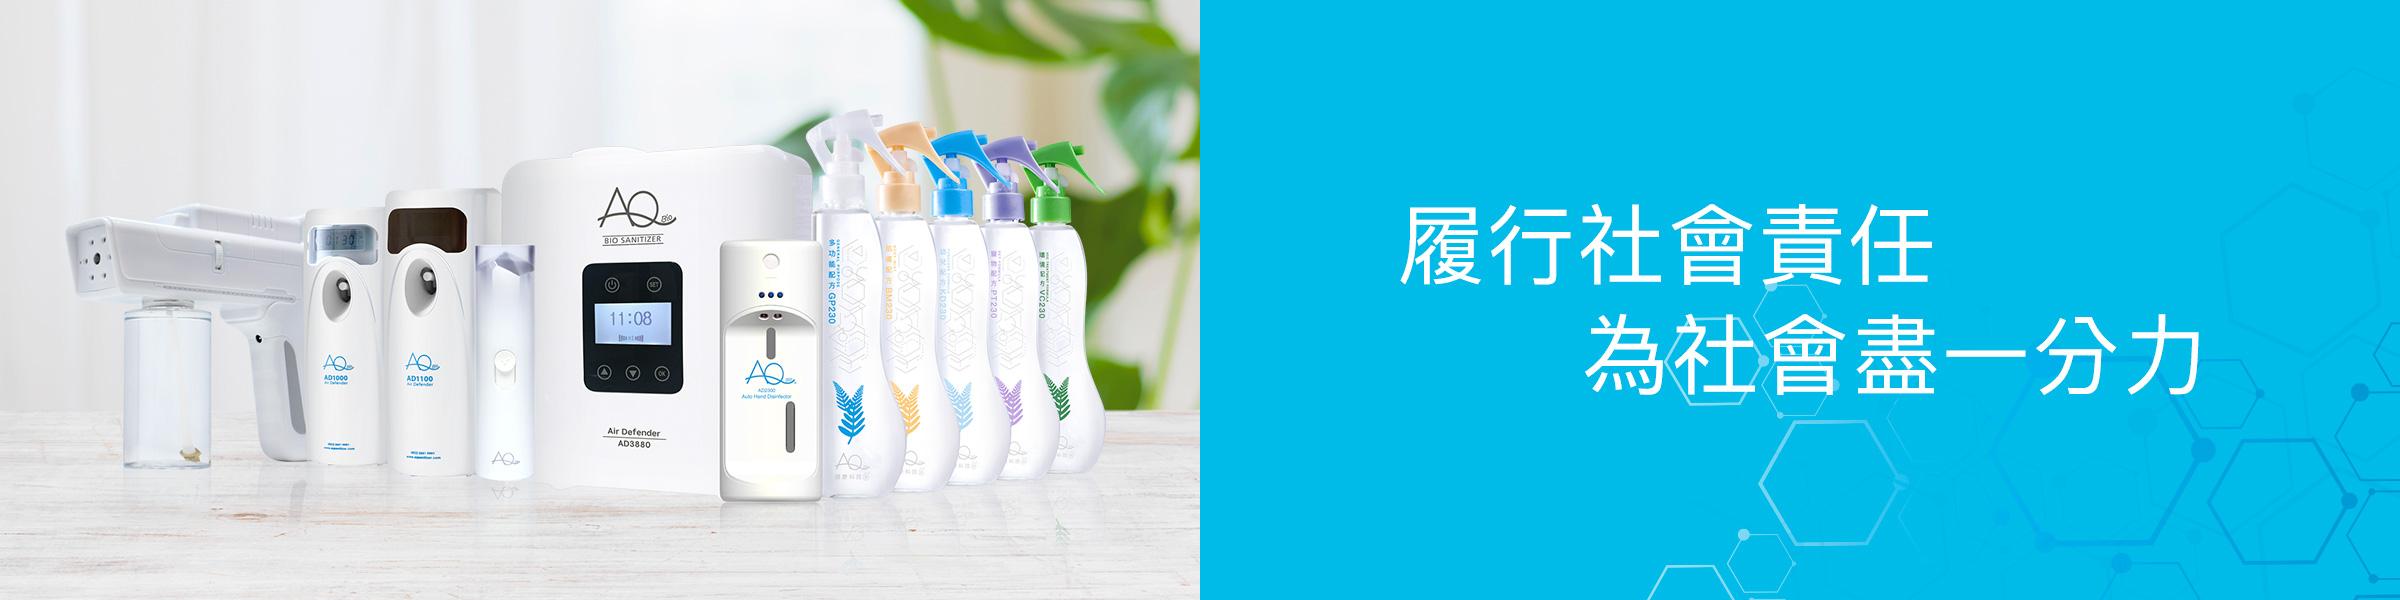 贊助申請,AQ Bio消毒殺菌噴霧、殺菌達99.9999%, 對抗濕疹,暗瘡,皮膚敏感,念珠菌,鼻敏感,喉嚨痛, 助皮膚修護細胞, 產生抗菌能